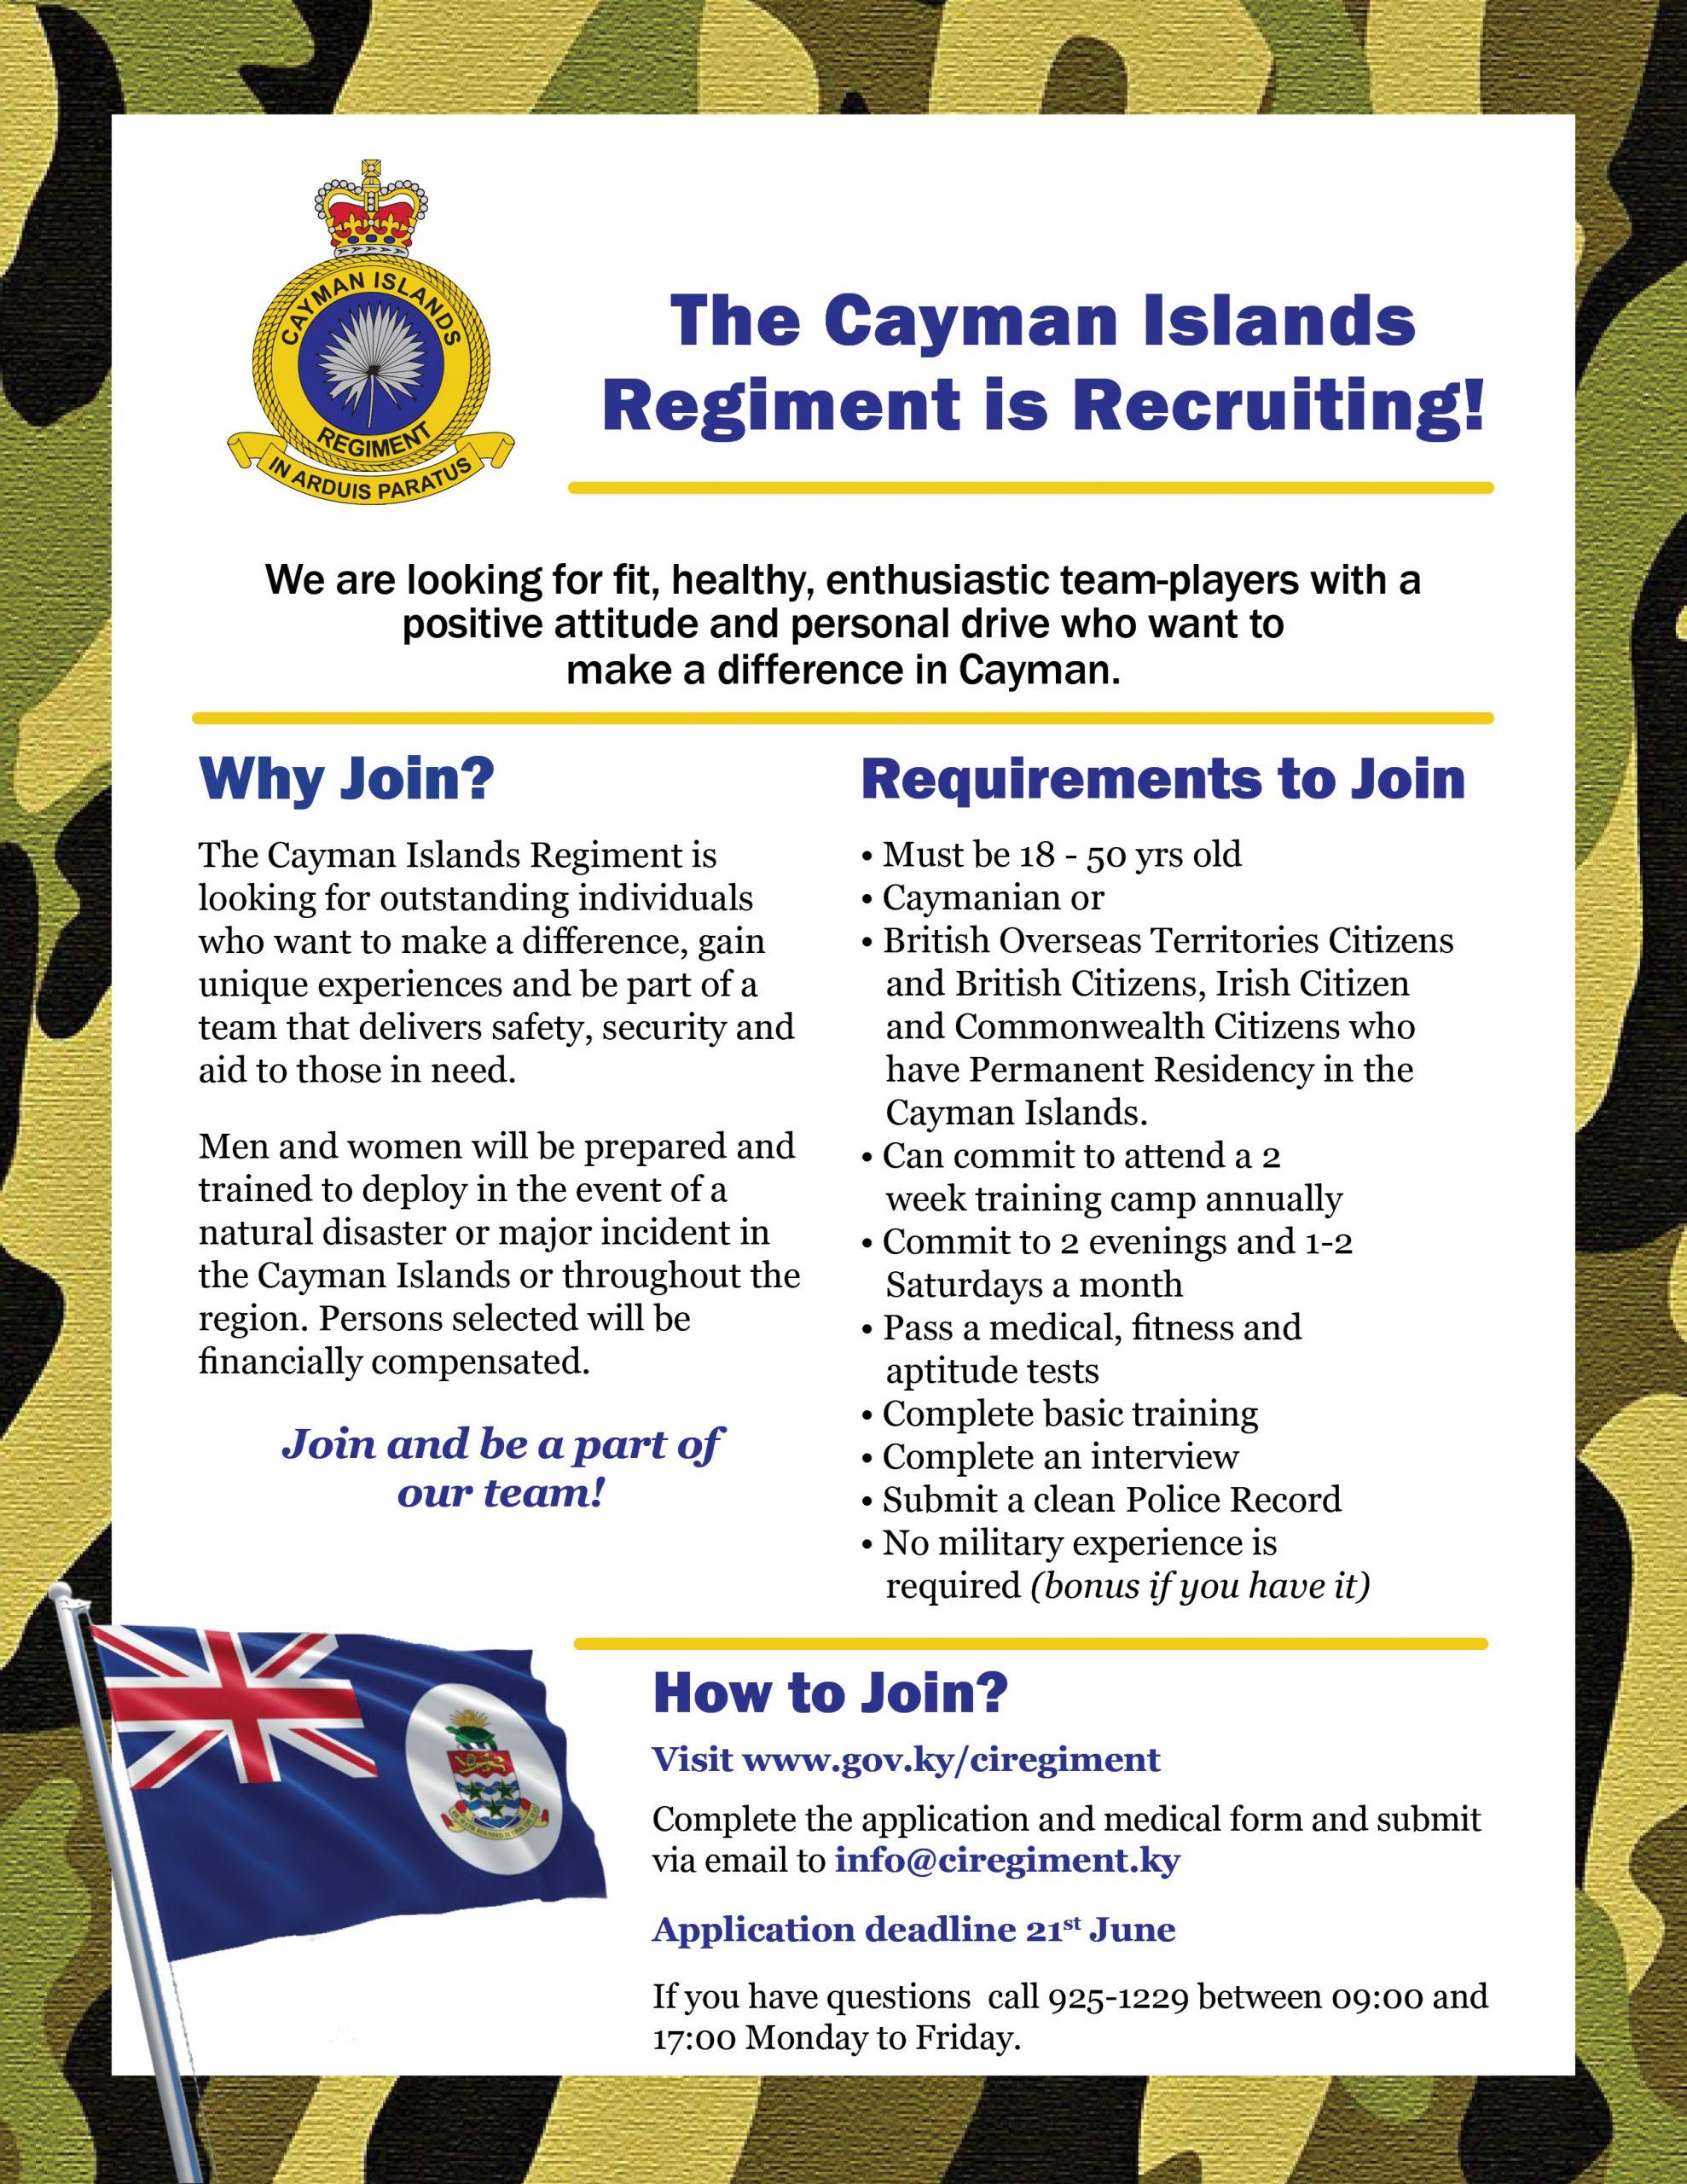 Cayman Islands Regiment Recruitment Flyer, June 2020